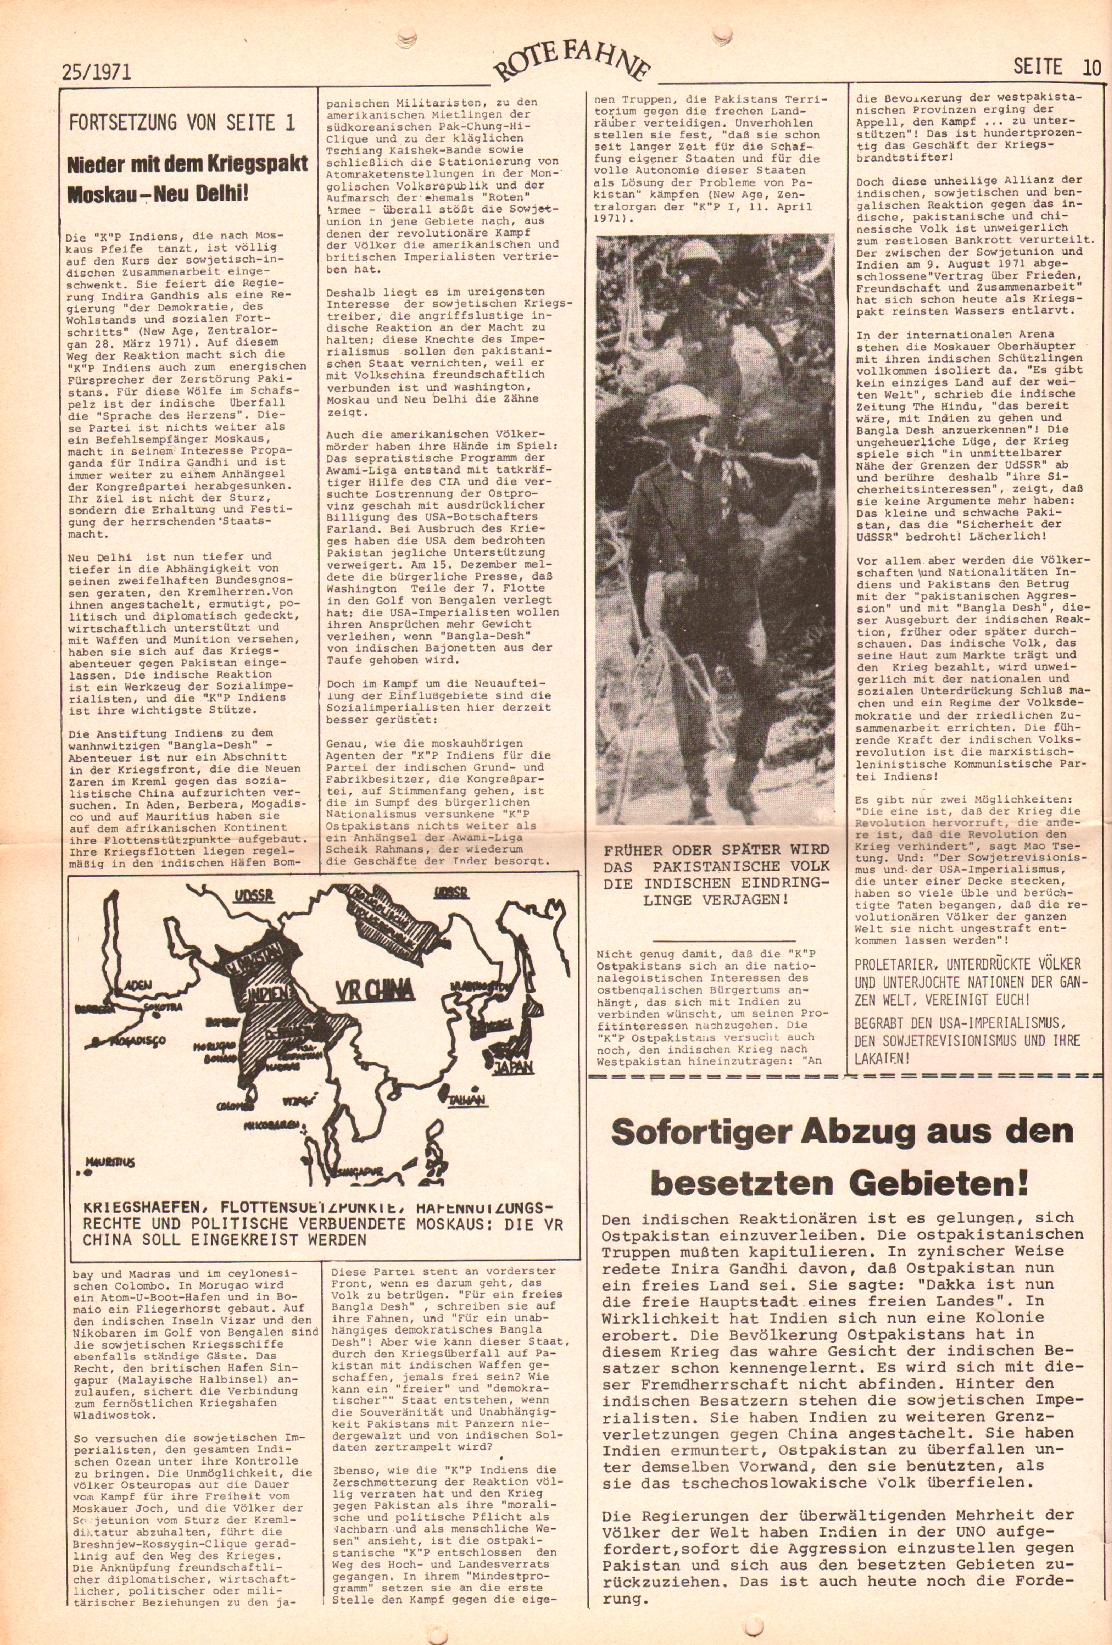 Rote Fahne, 2. Jg., 20.12.1971, Nr. 25, Seite 10